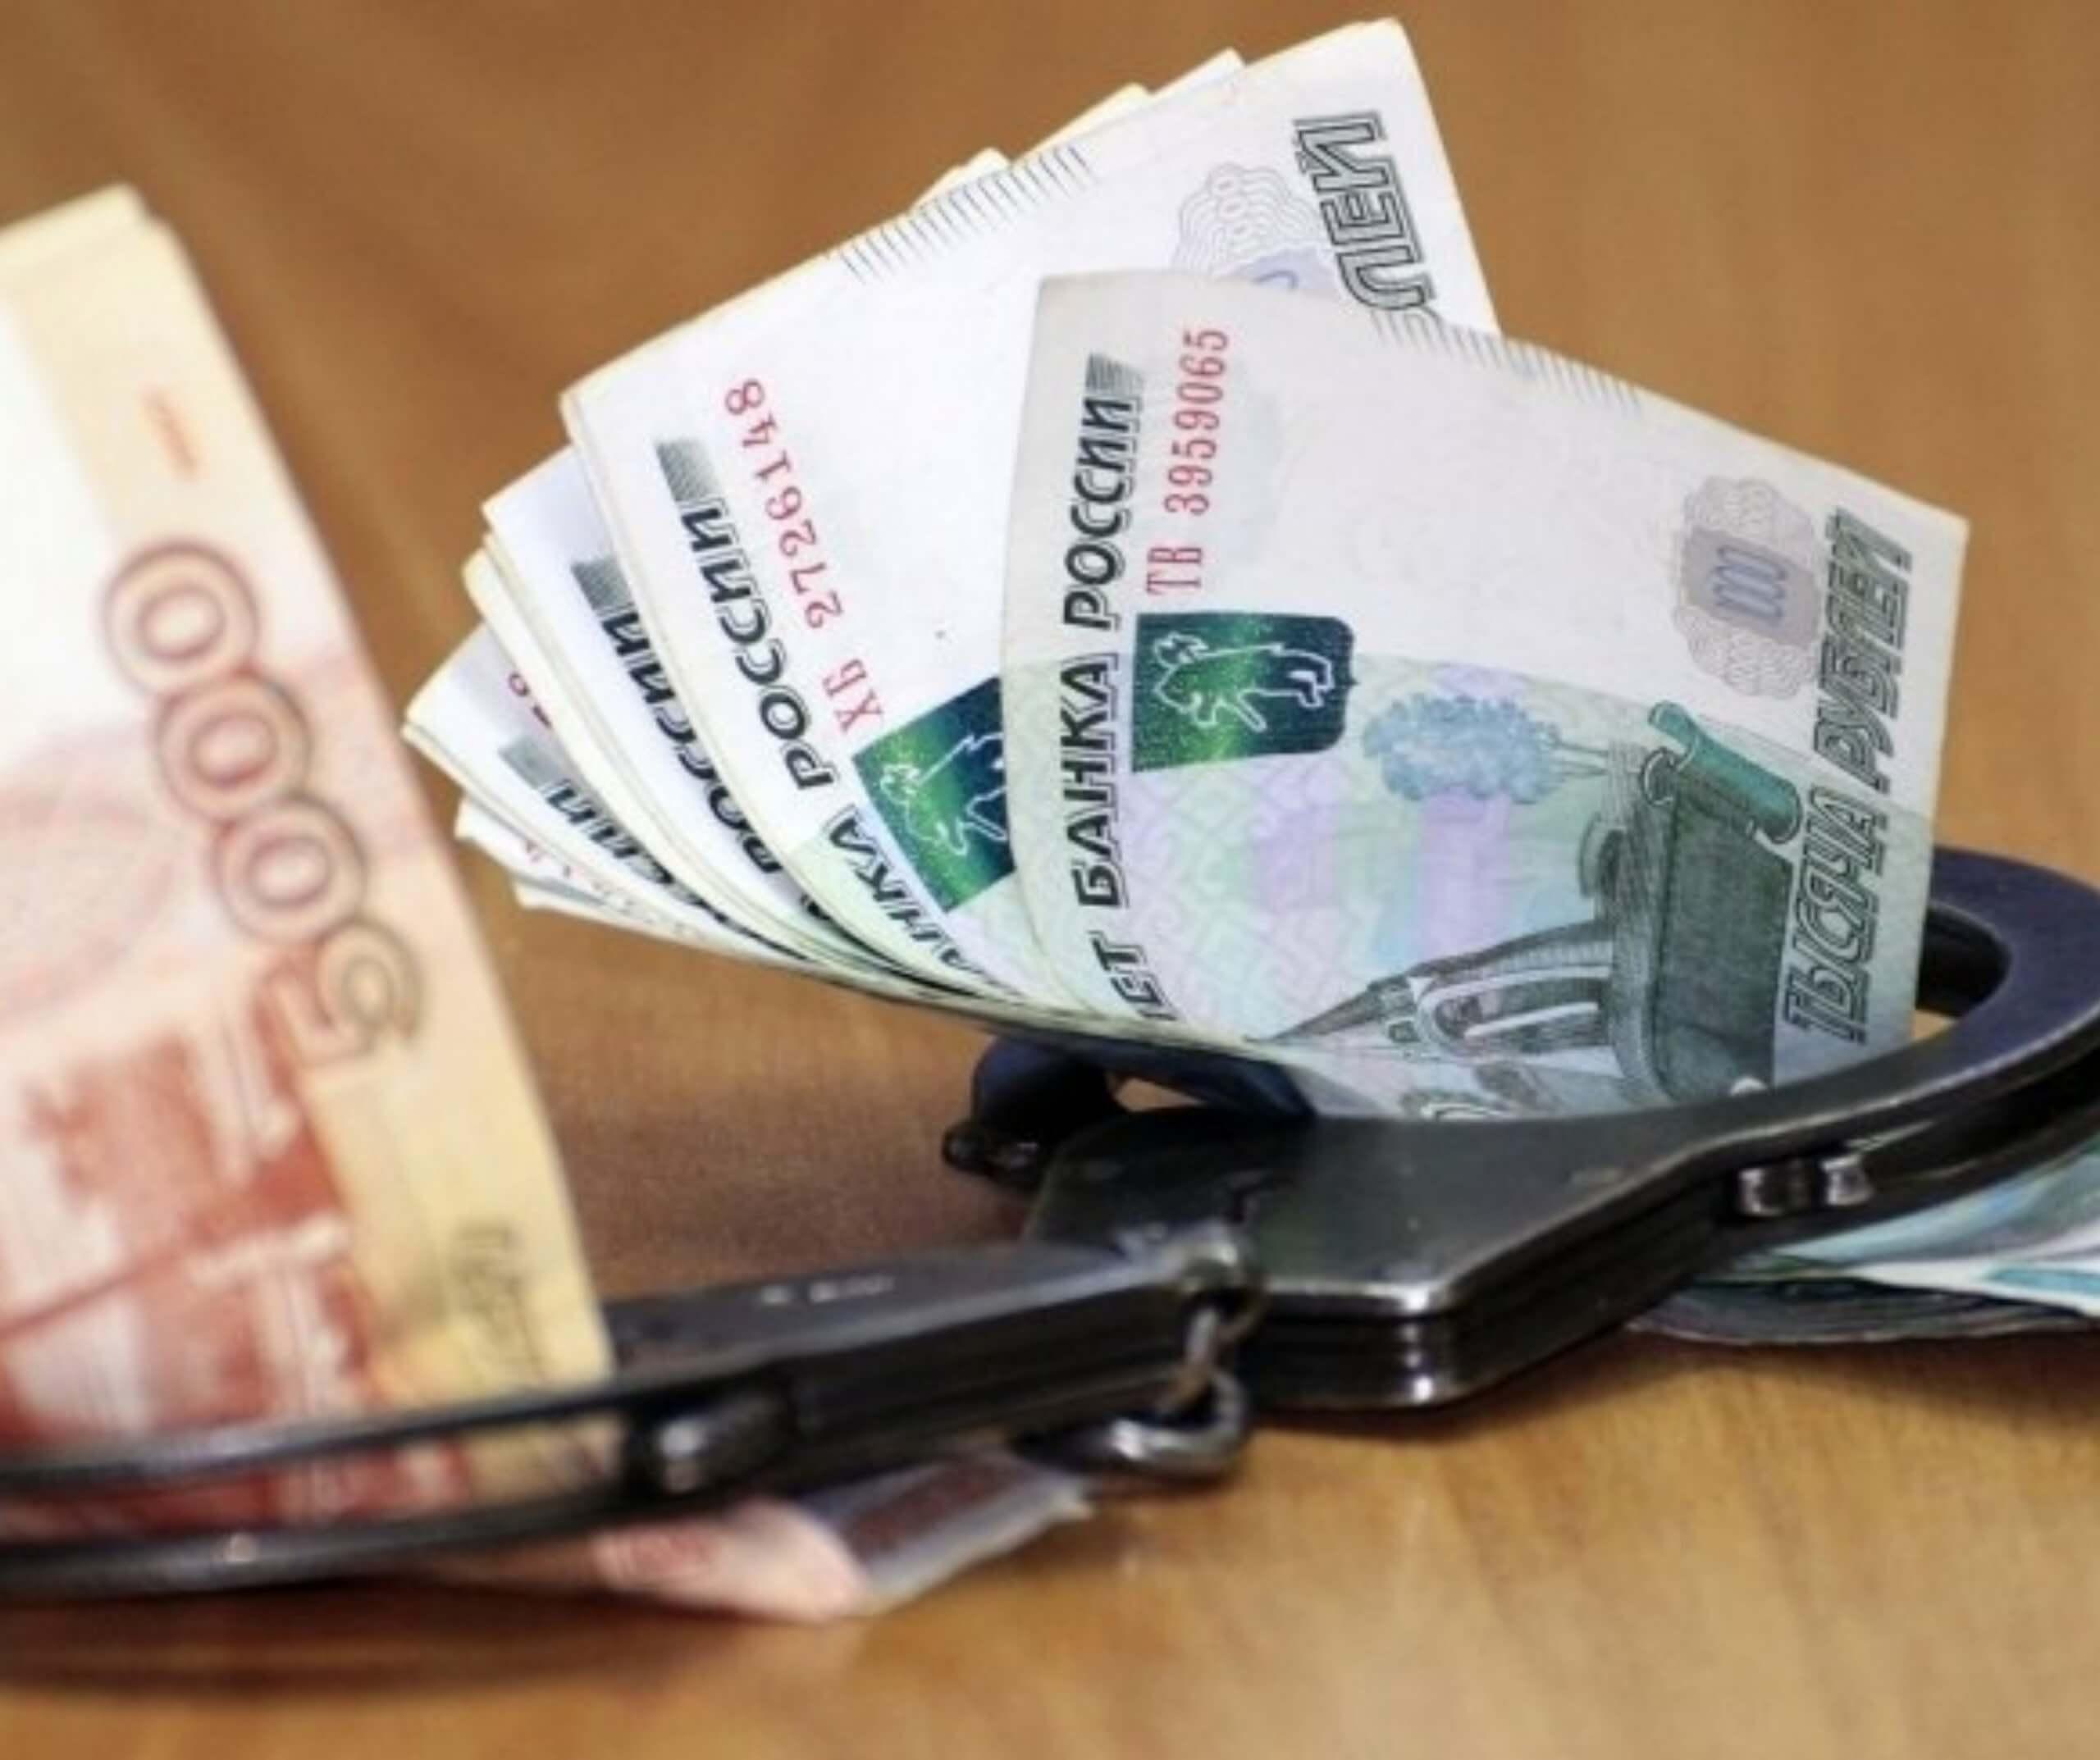 Смягчены условия уголовного преследования за налоговые преступления